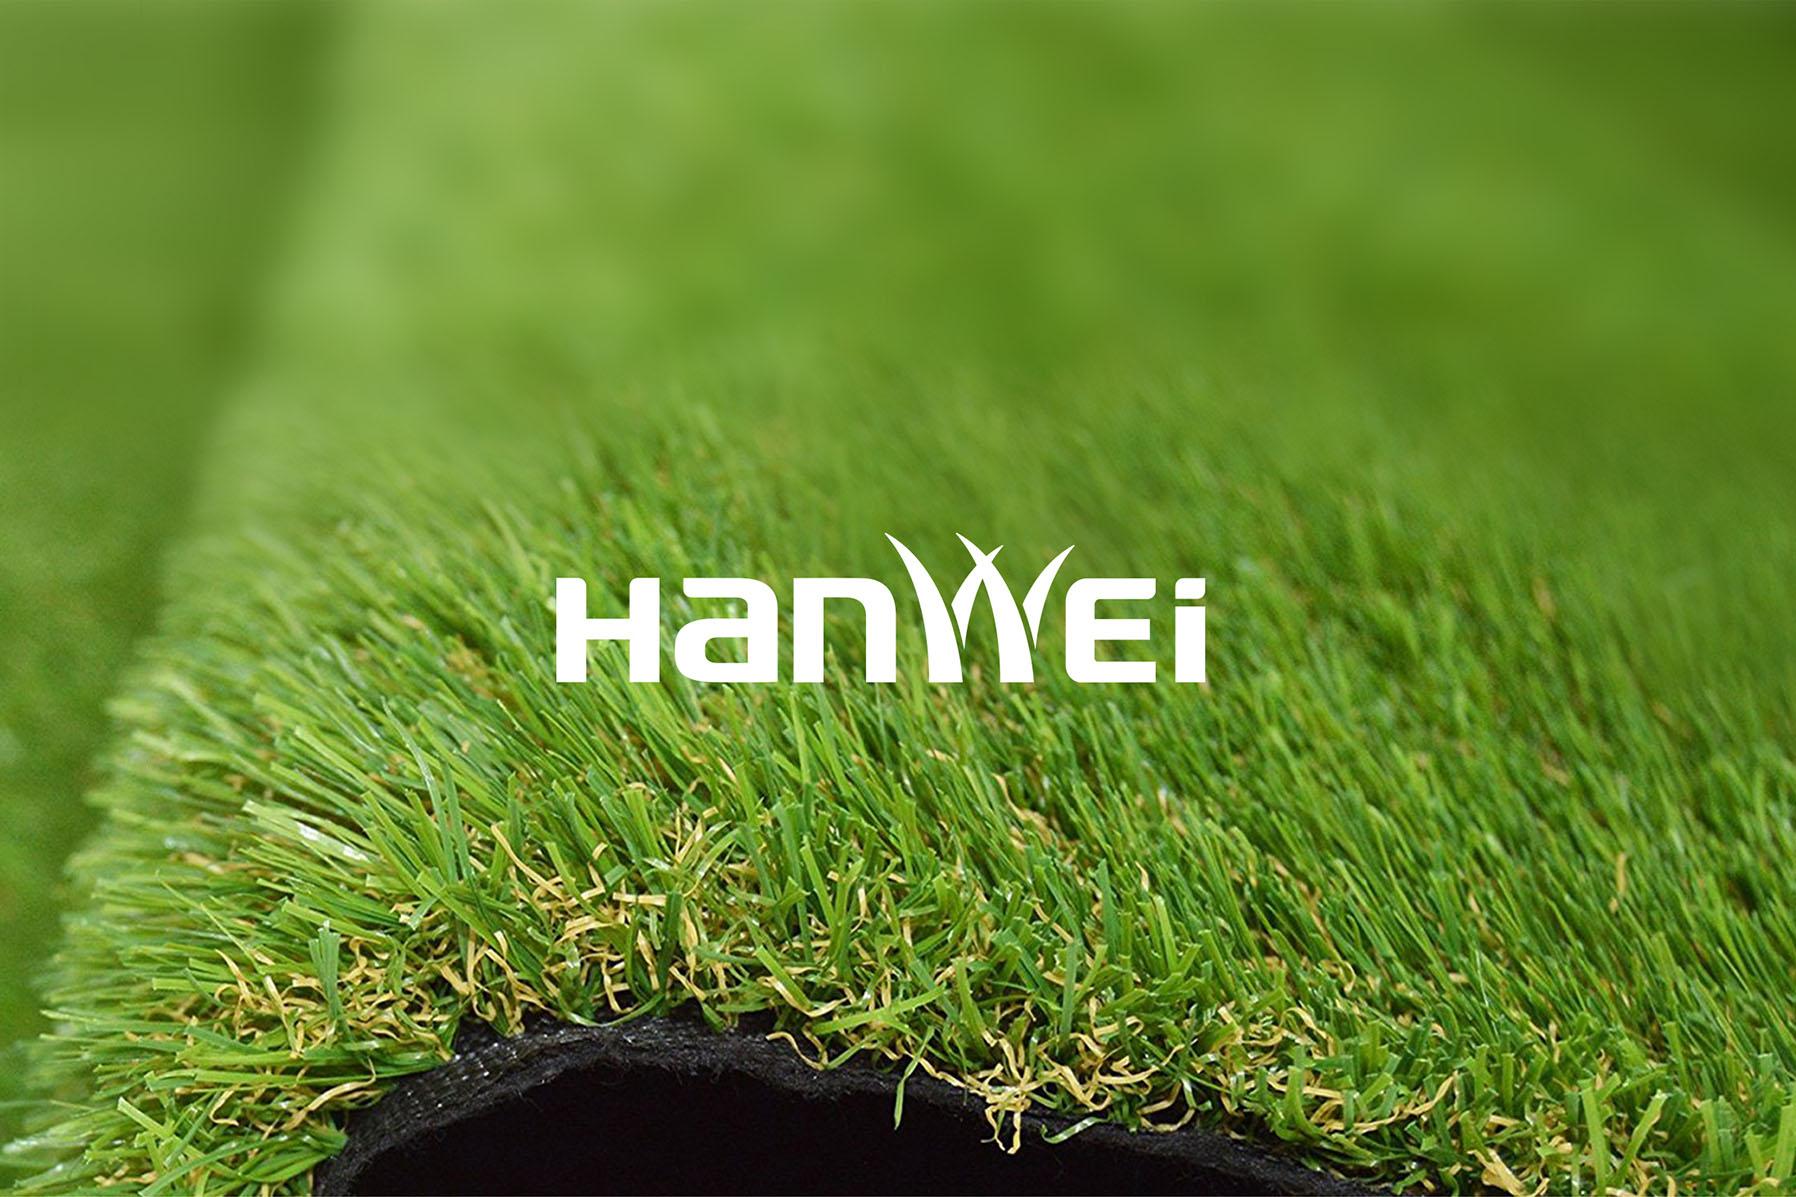 常州汉威人造草坪品牌全案策划设计